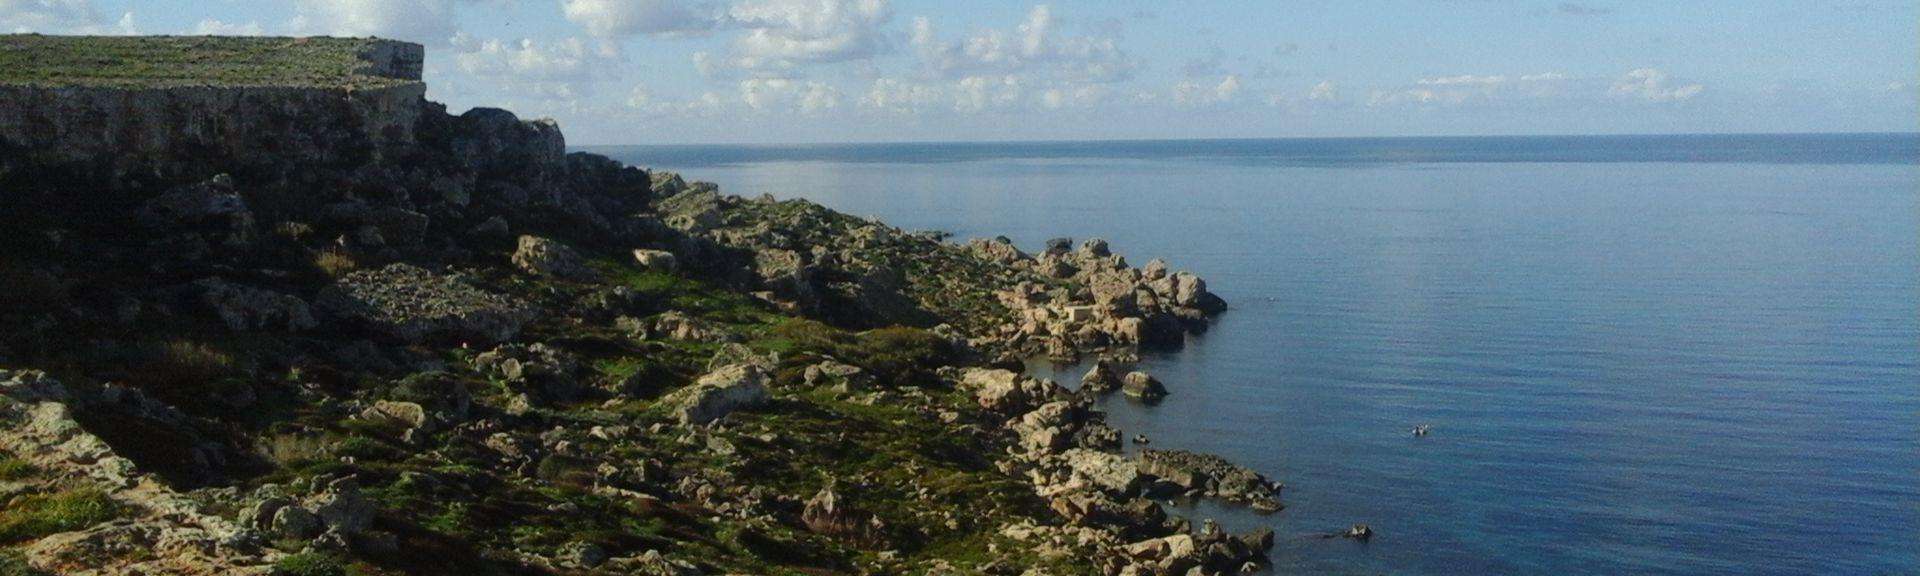 Saint Julian's, Malta